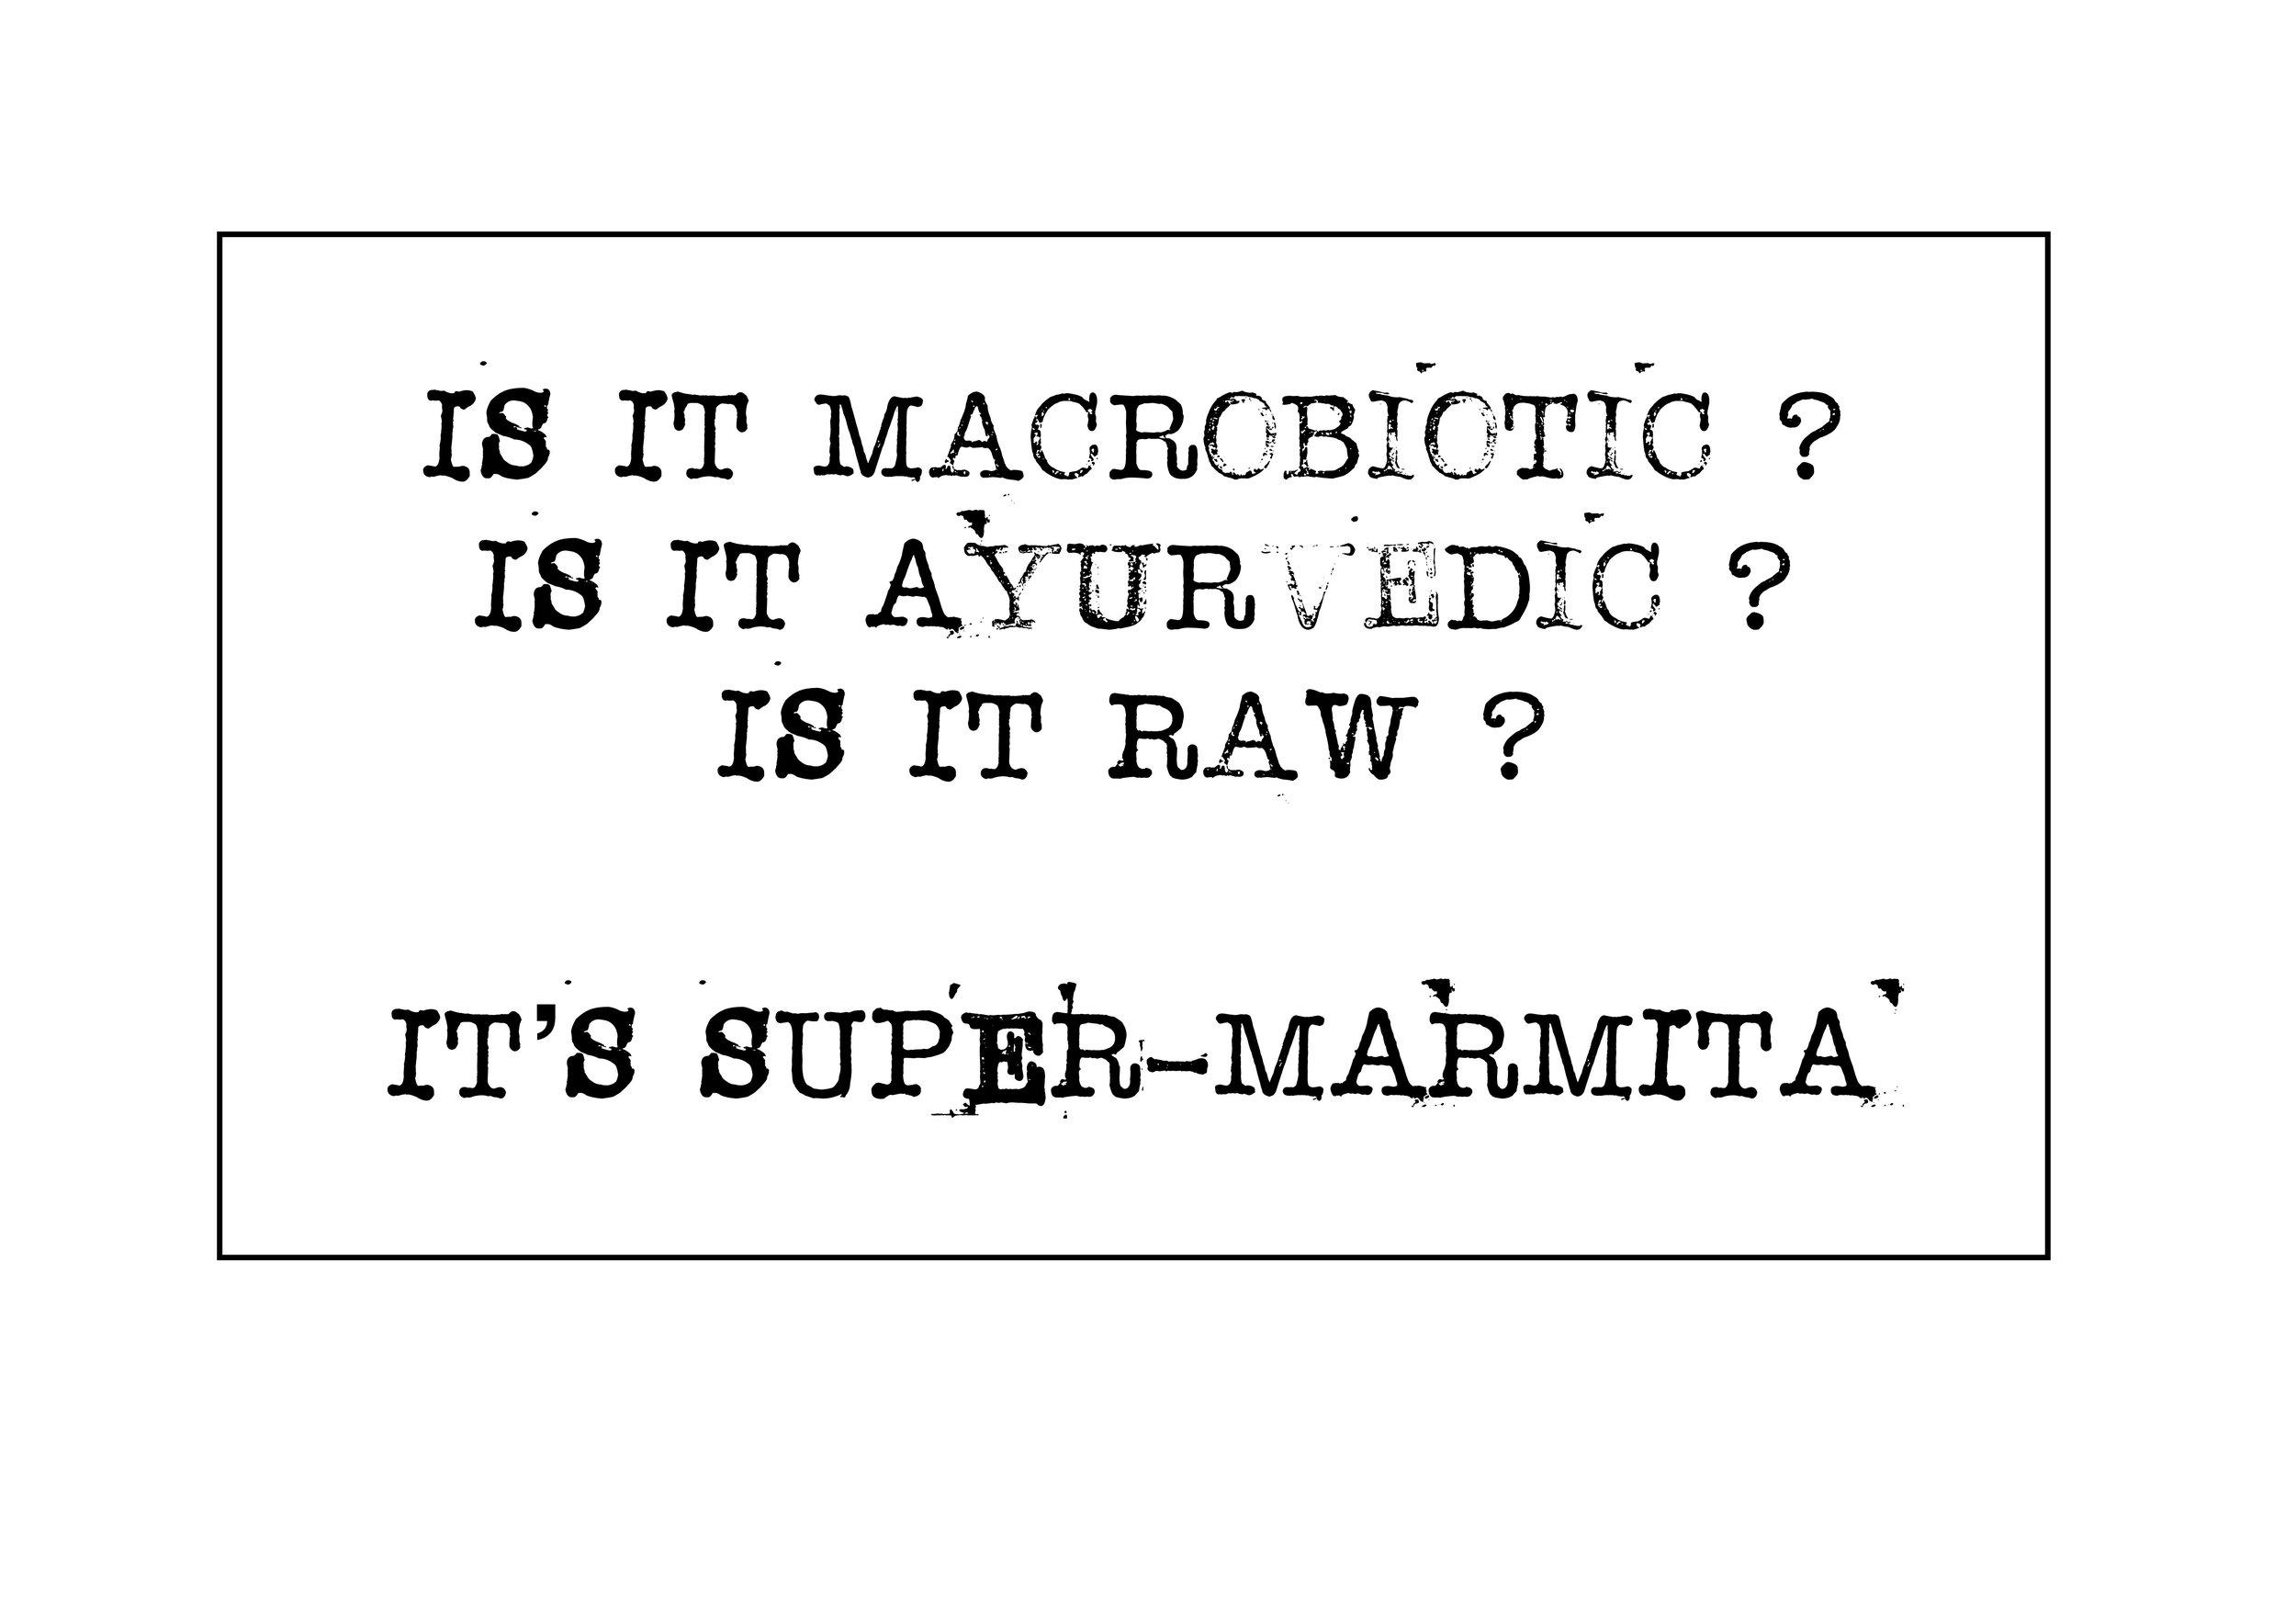 Pub macrobiotic.jpg